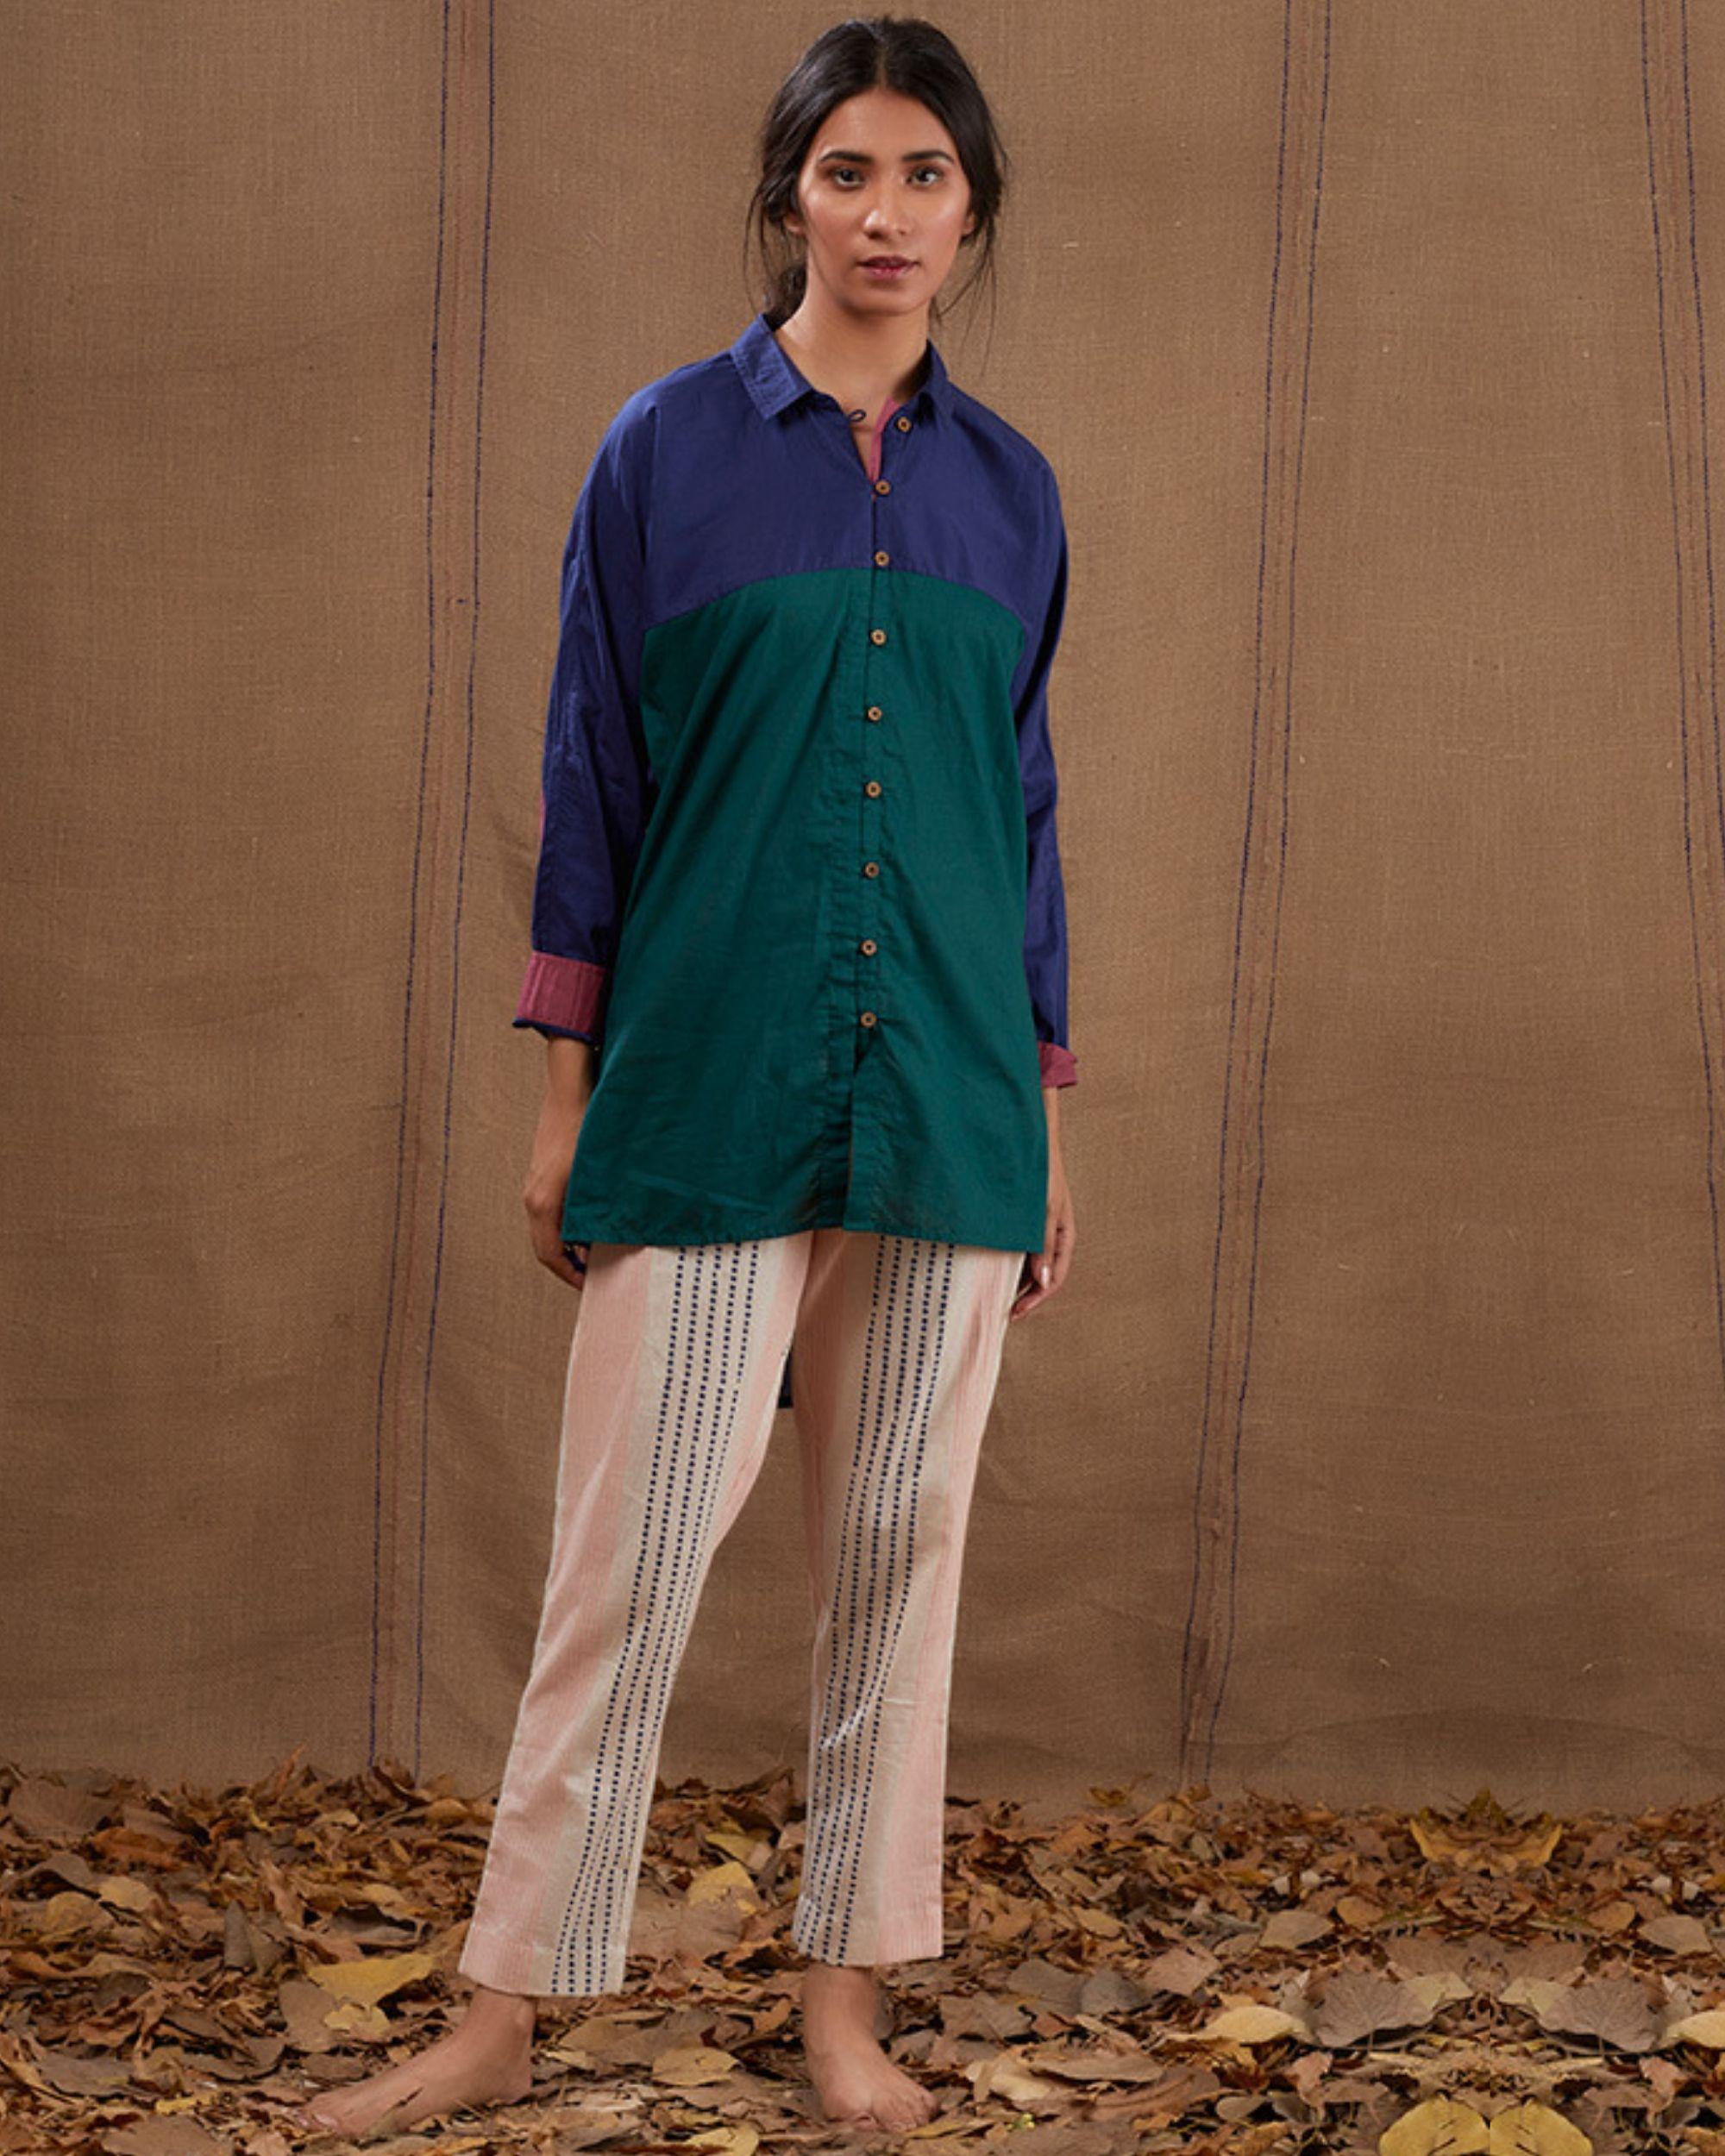 Cotton blue-green shirt